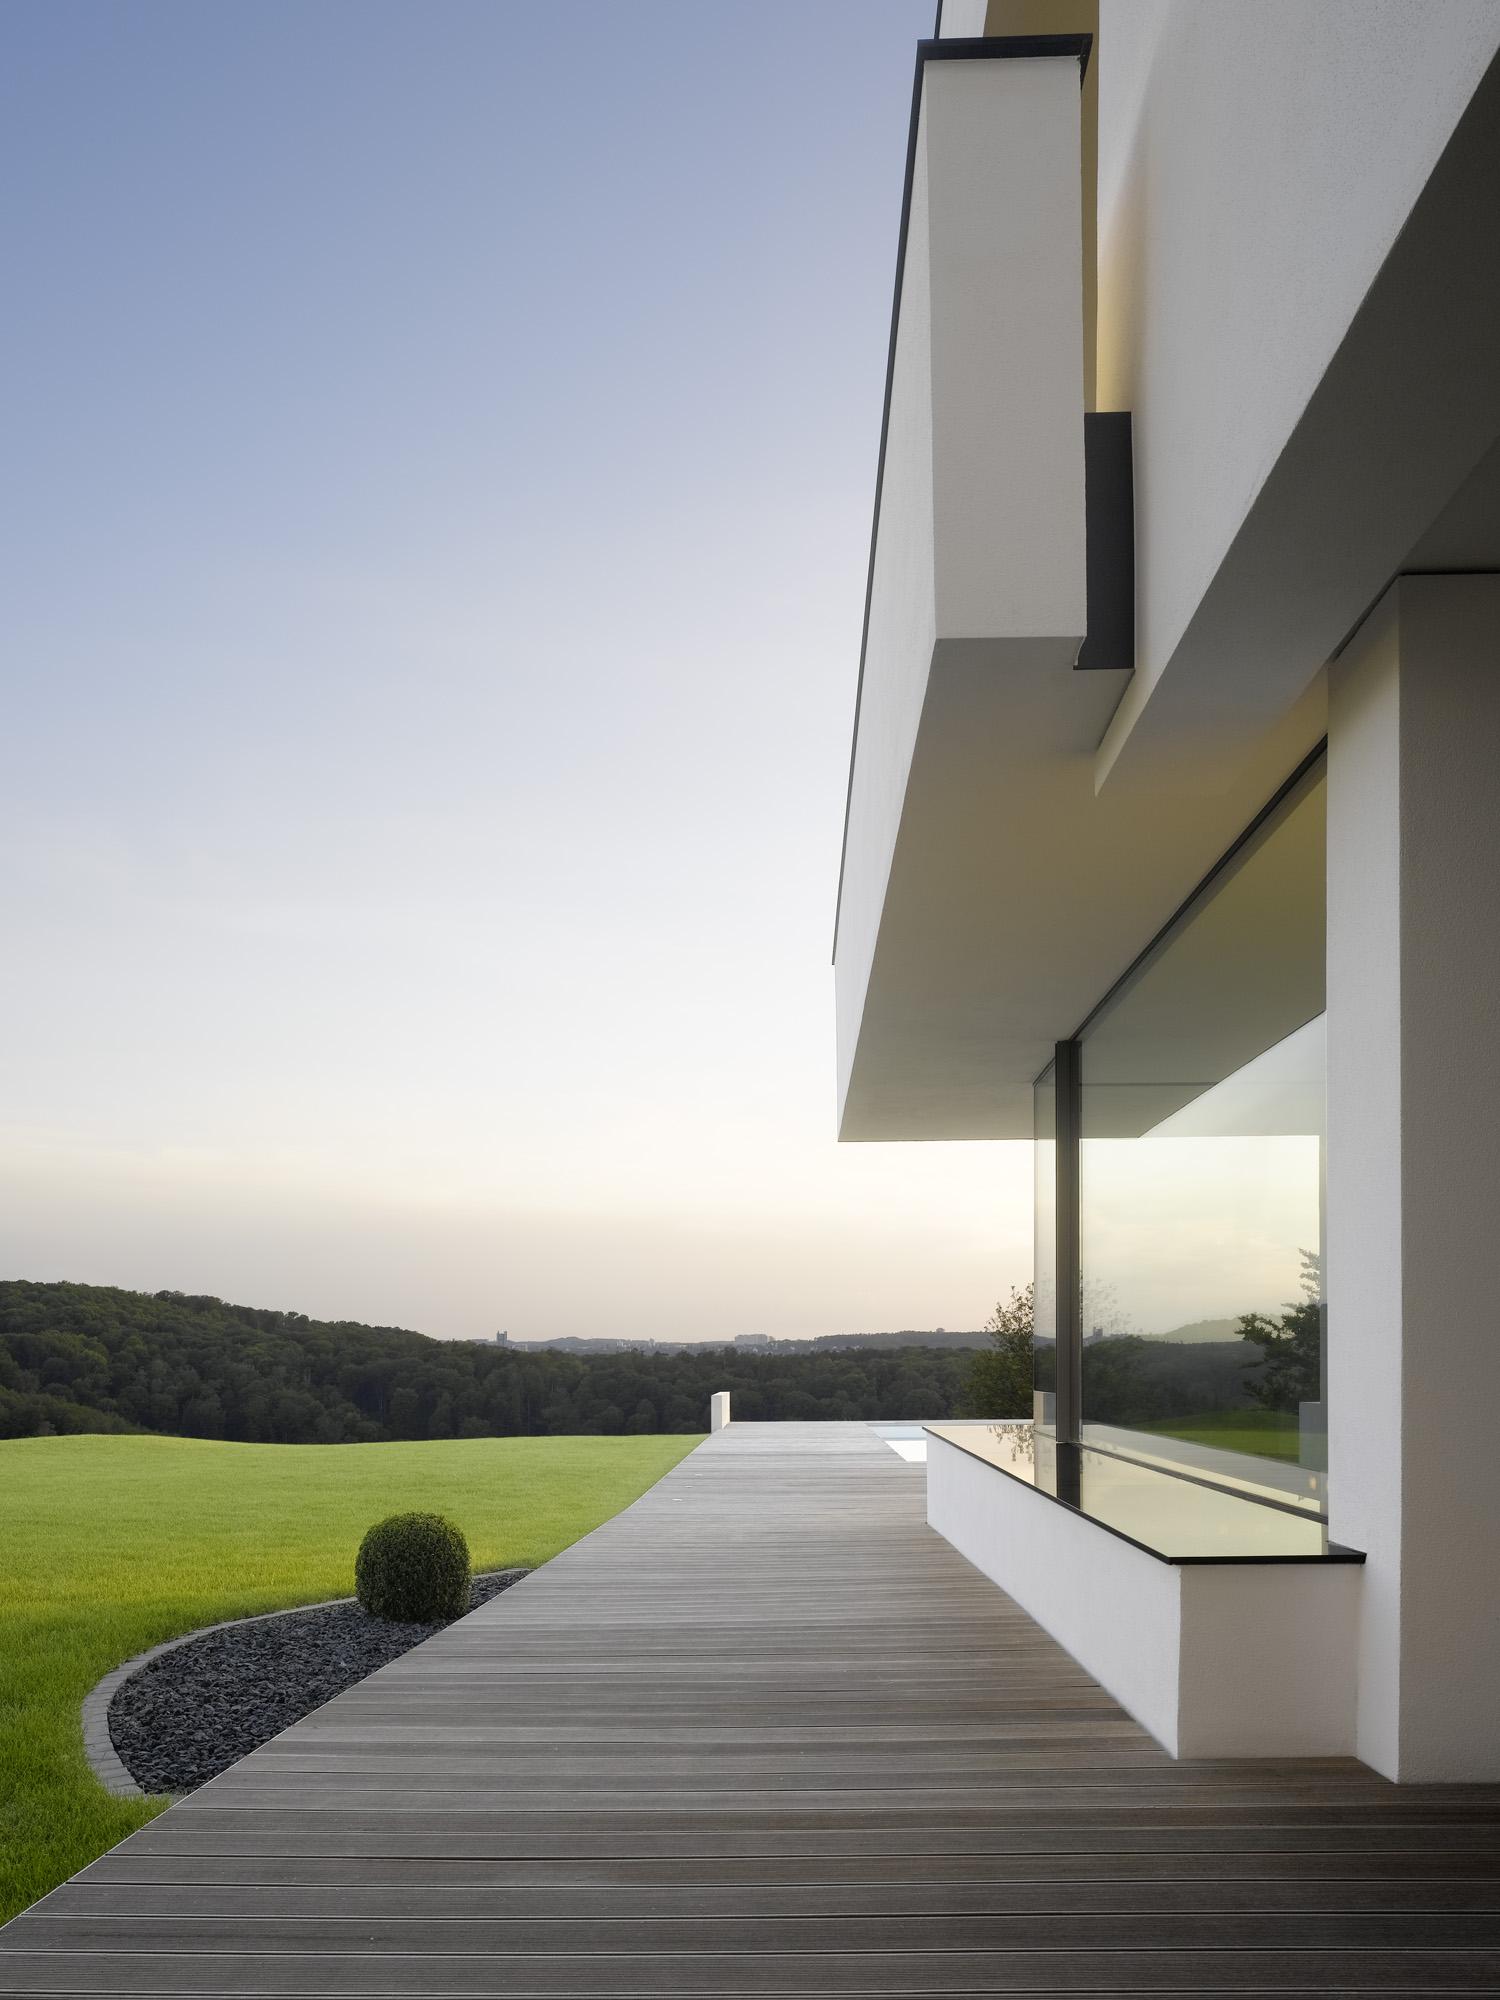 Stilpunkte-Blog: Aussenbereich, Haus am oberen Berg, Alexander Brenner, Foto: Zooey Braun